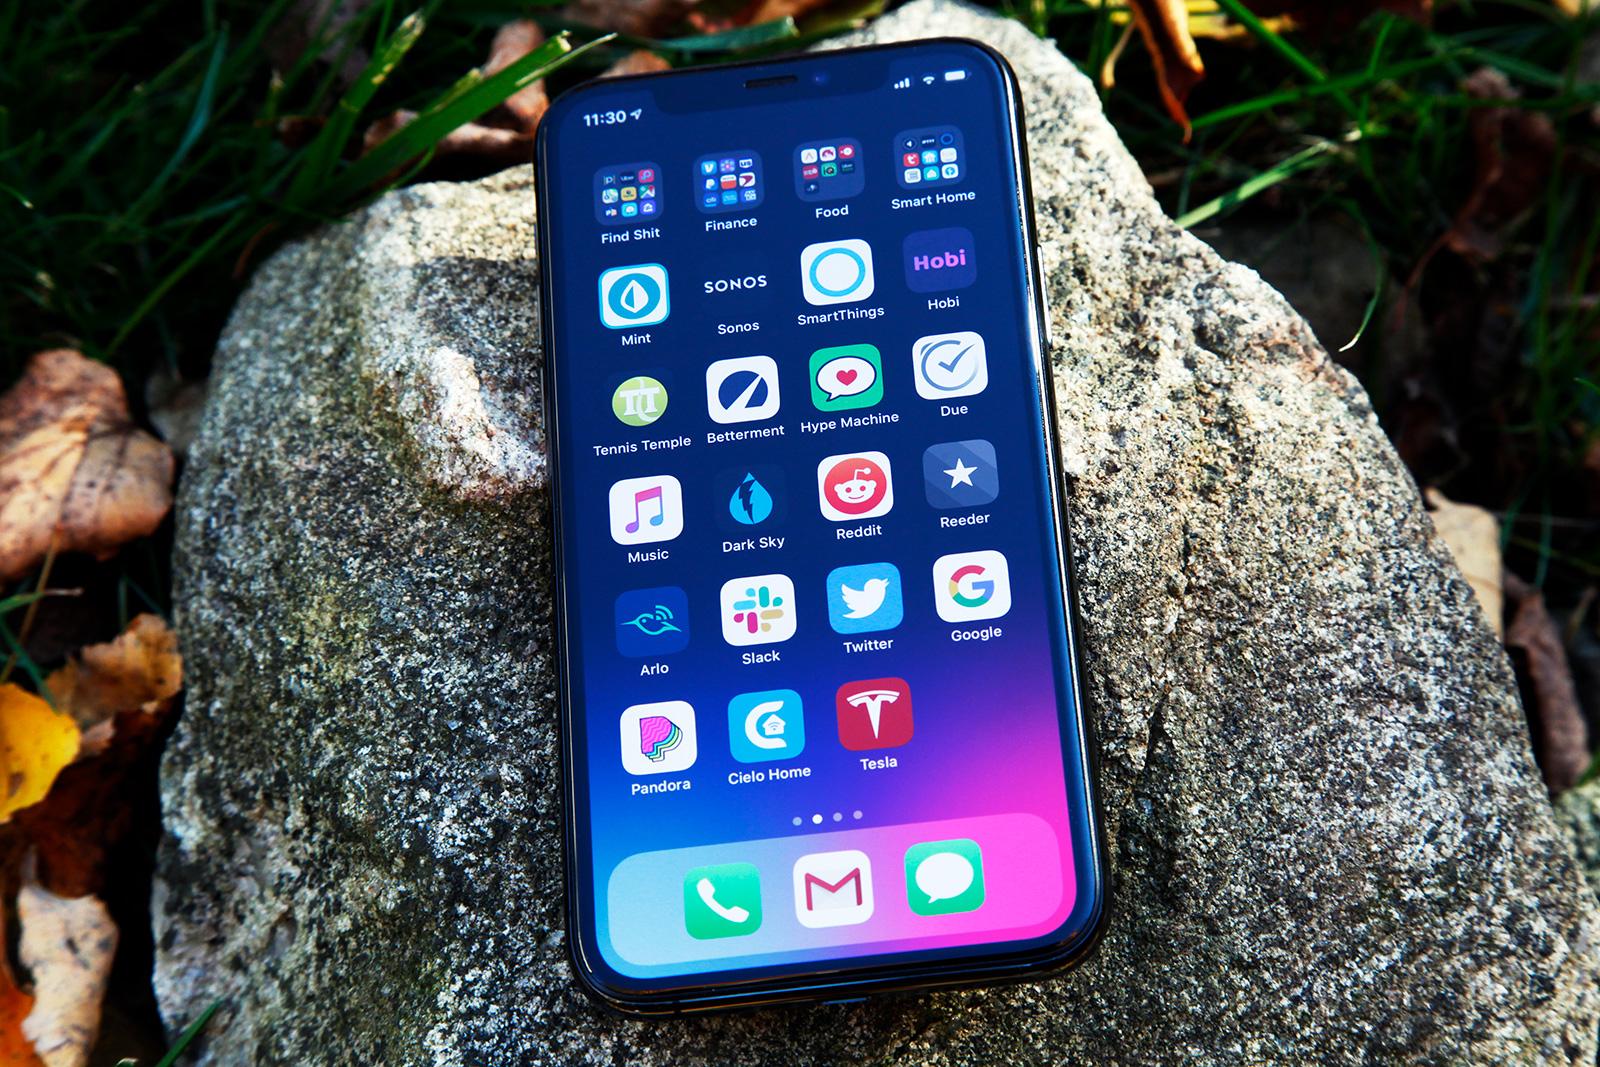 Harga iPhone 11 mendapatkan diskon besar hingga 0, hanya hari ini